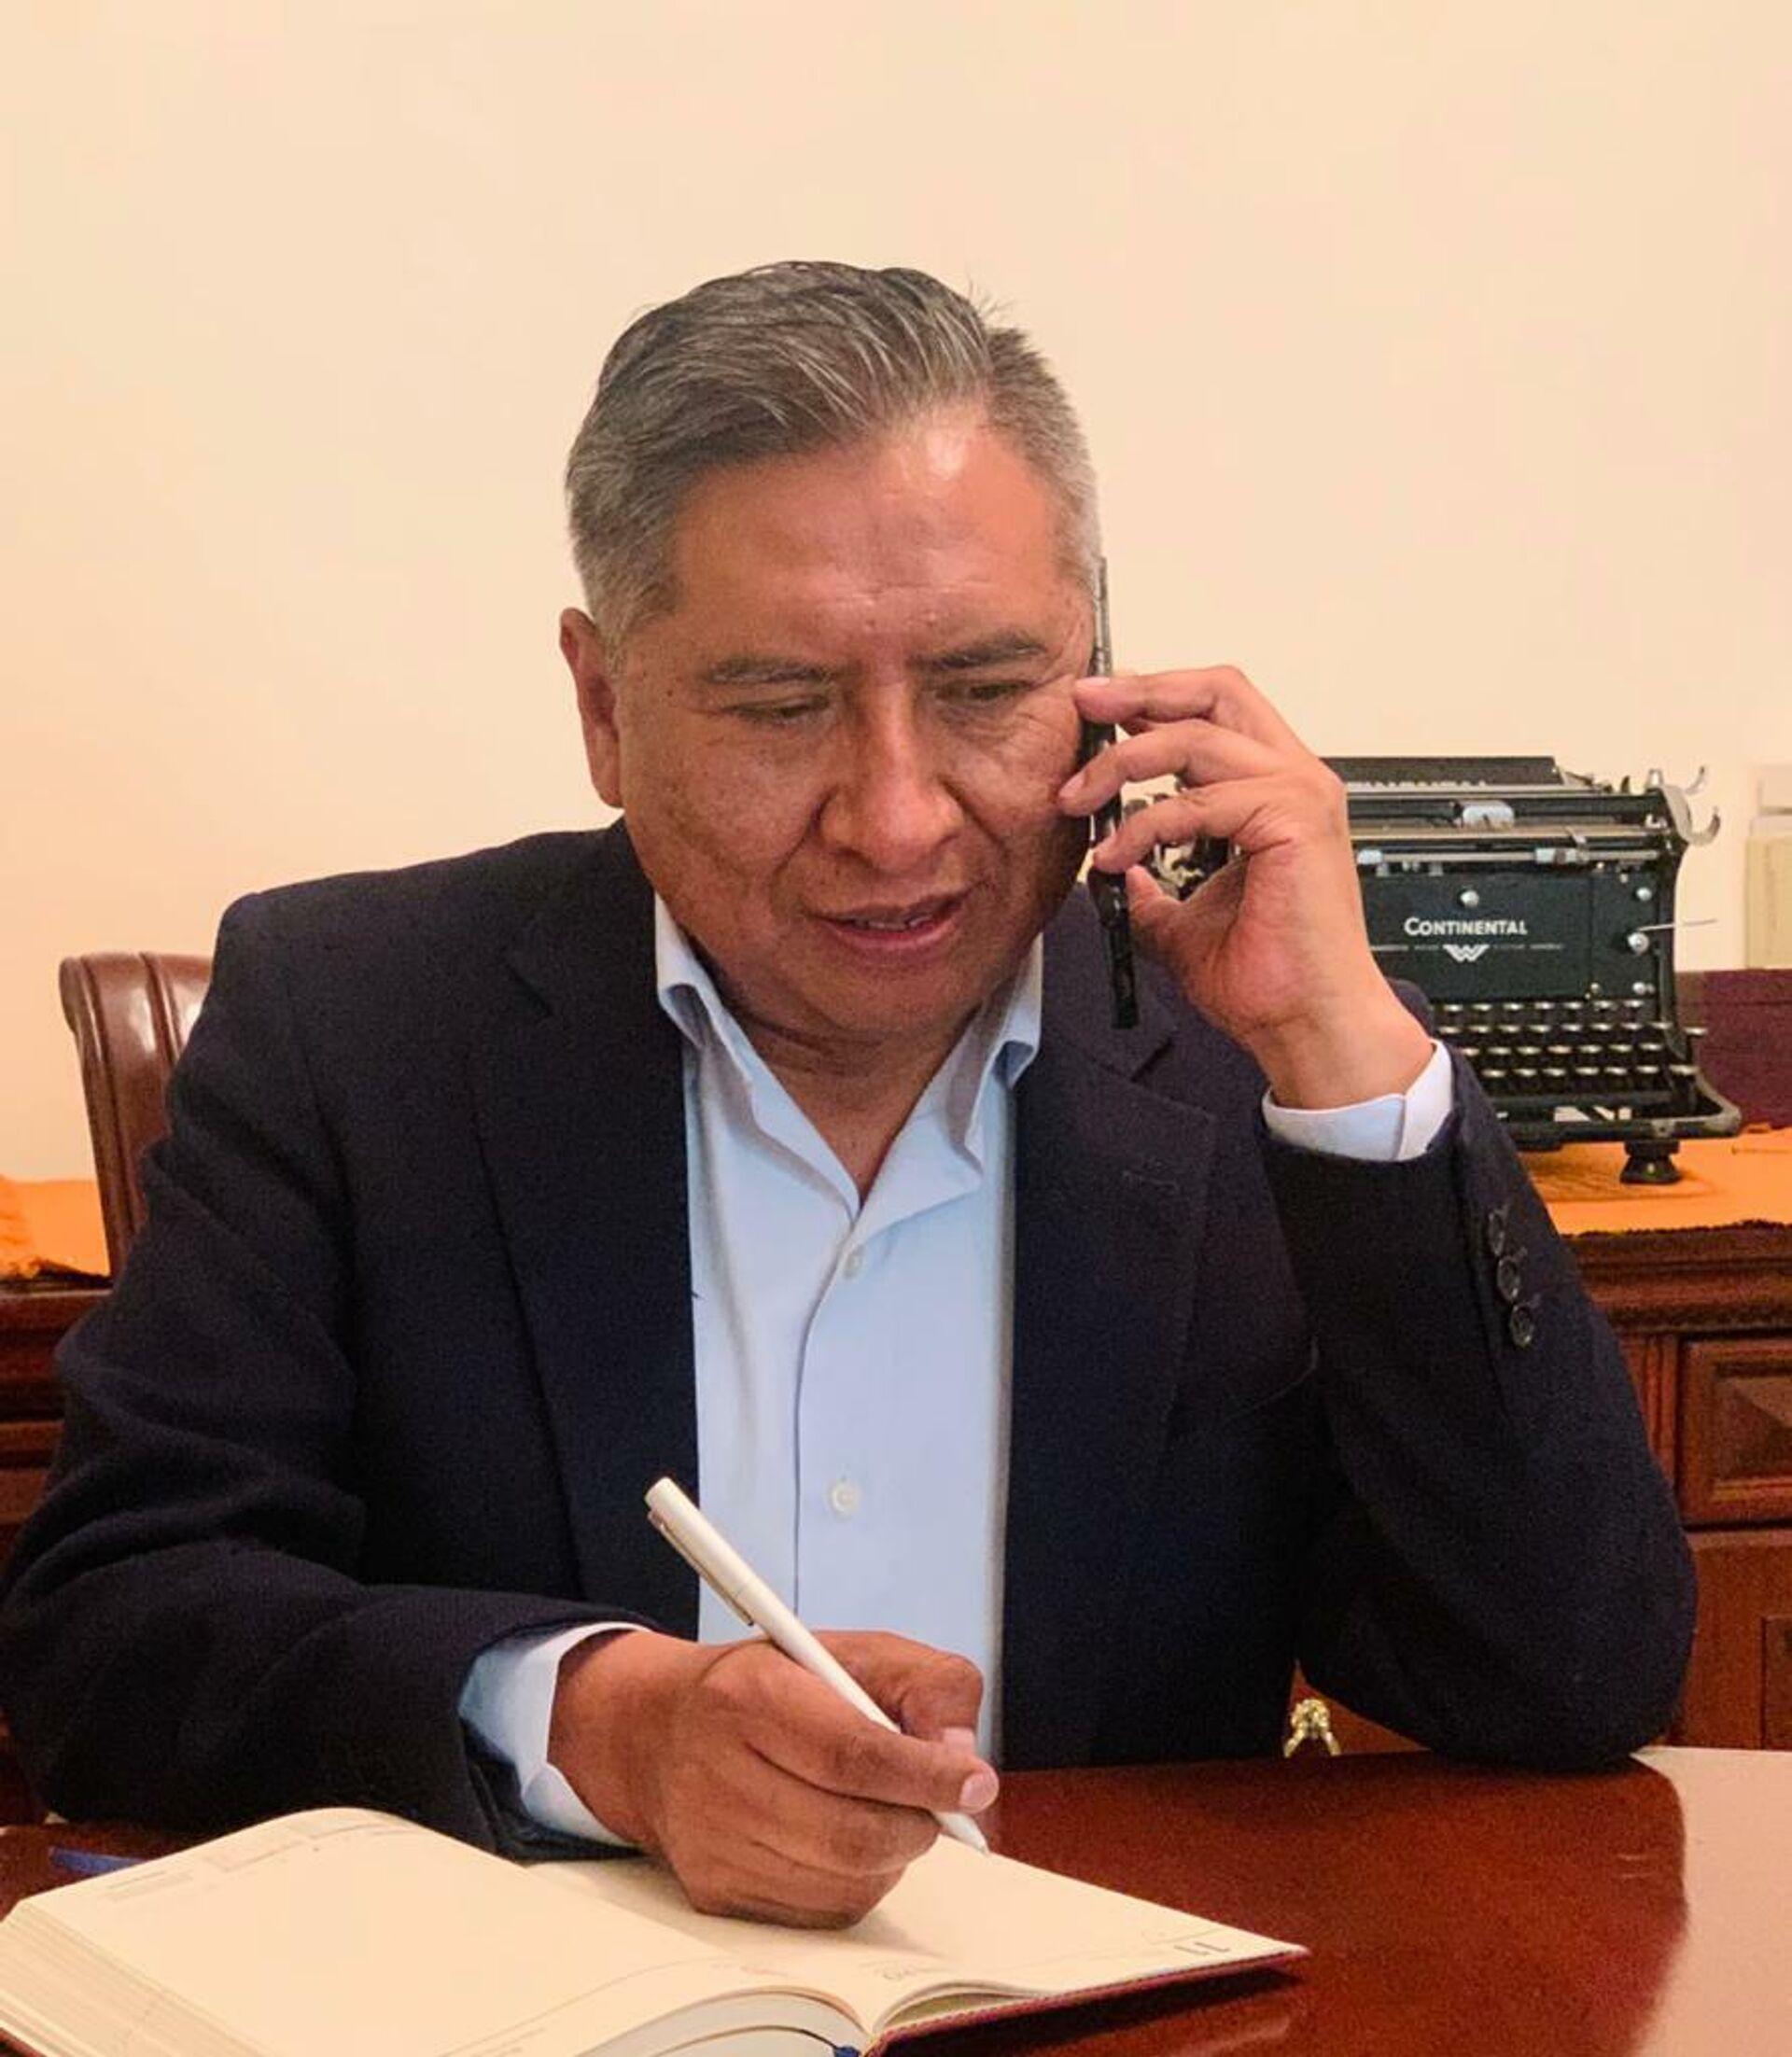 El canciller boliviano, Rogelio Mayta, durante la entrevista con Sputnik - Sputnik Mundo, 1920, 08.03.2021